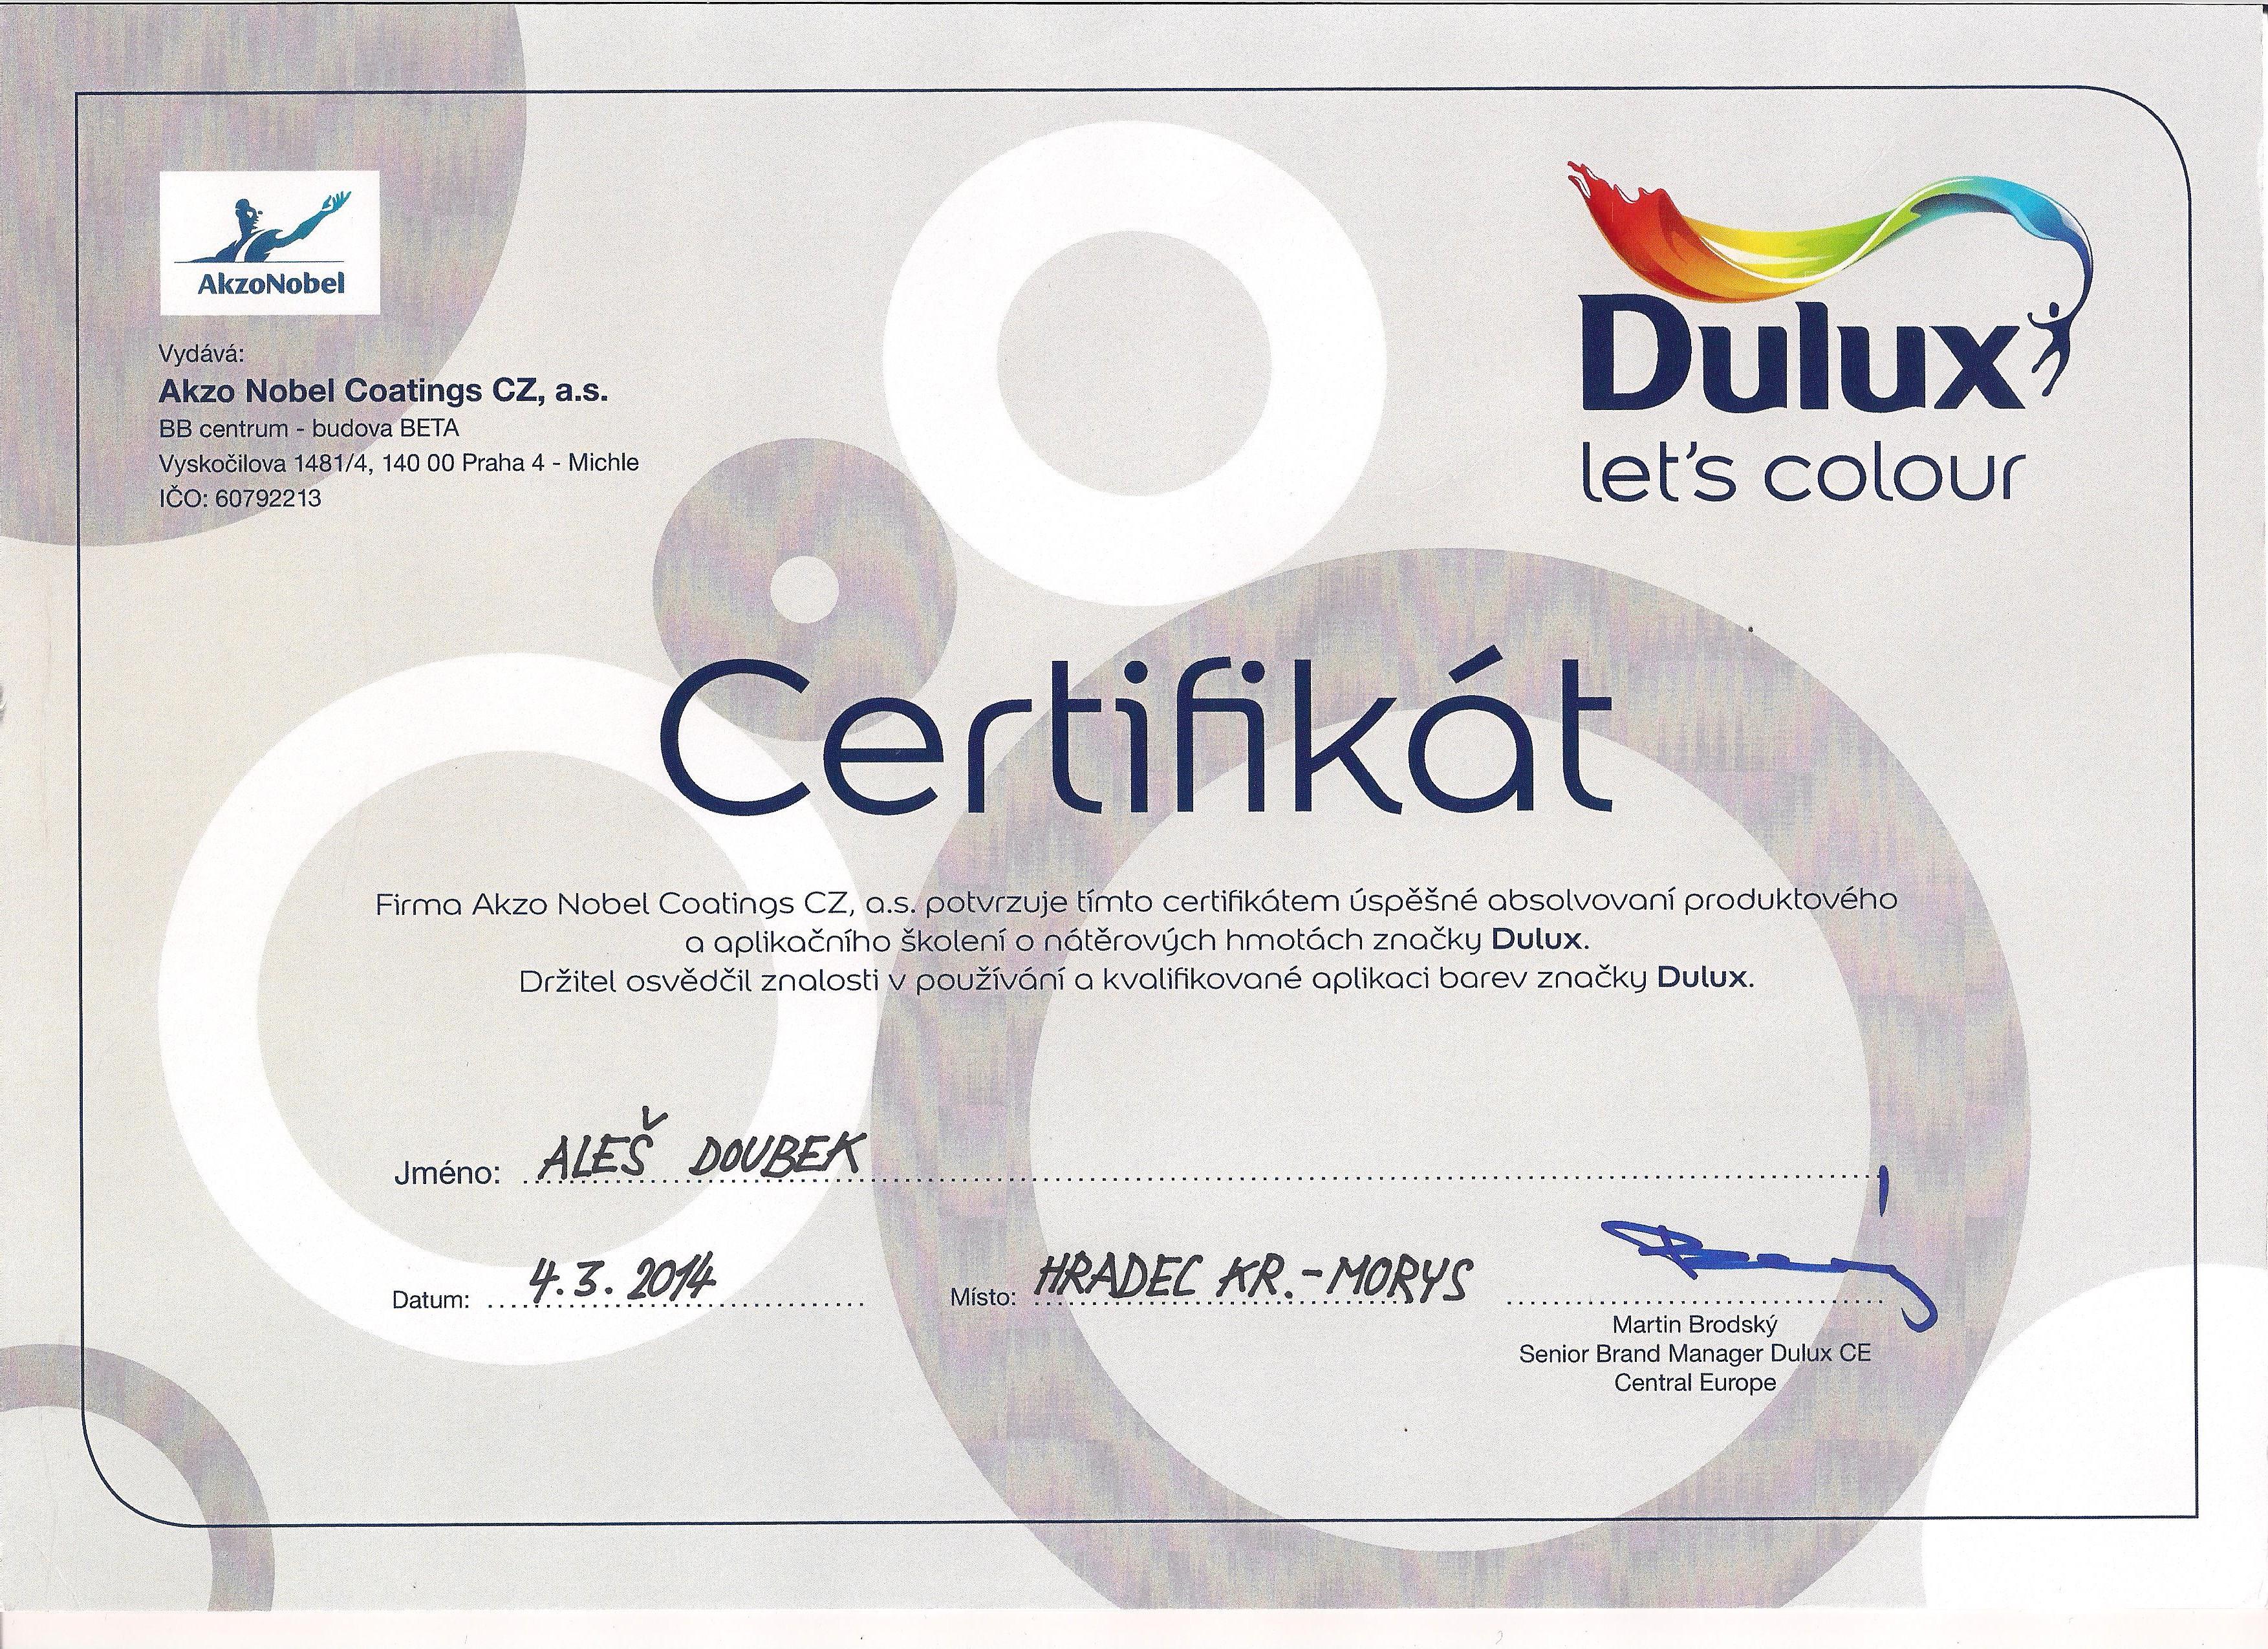 Certifikát Dulux